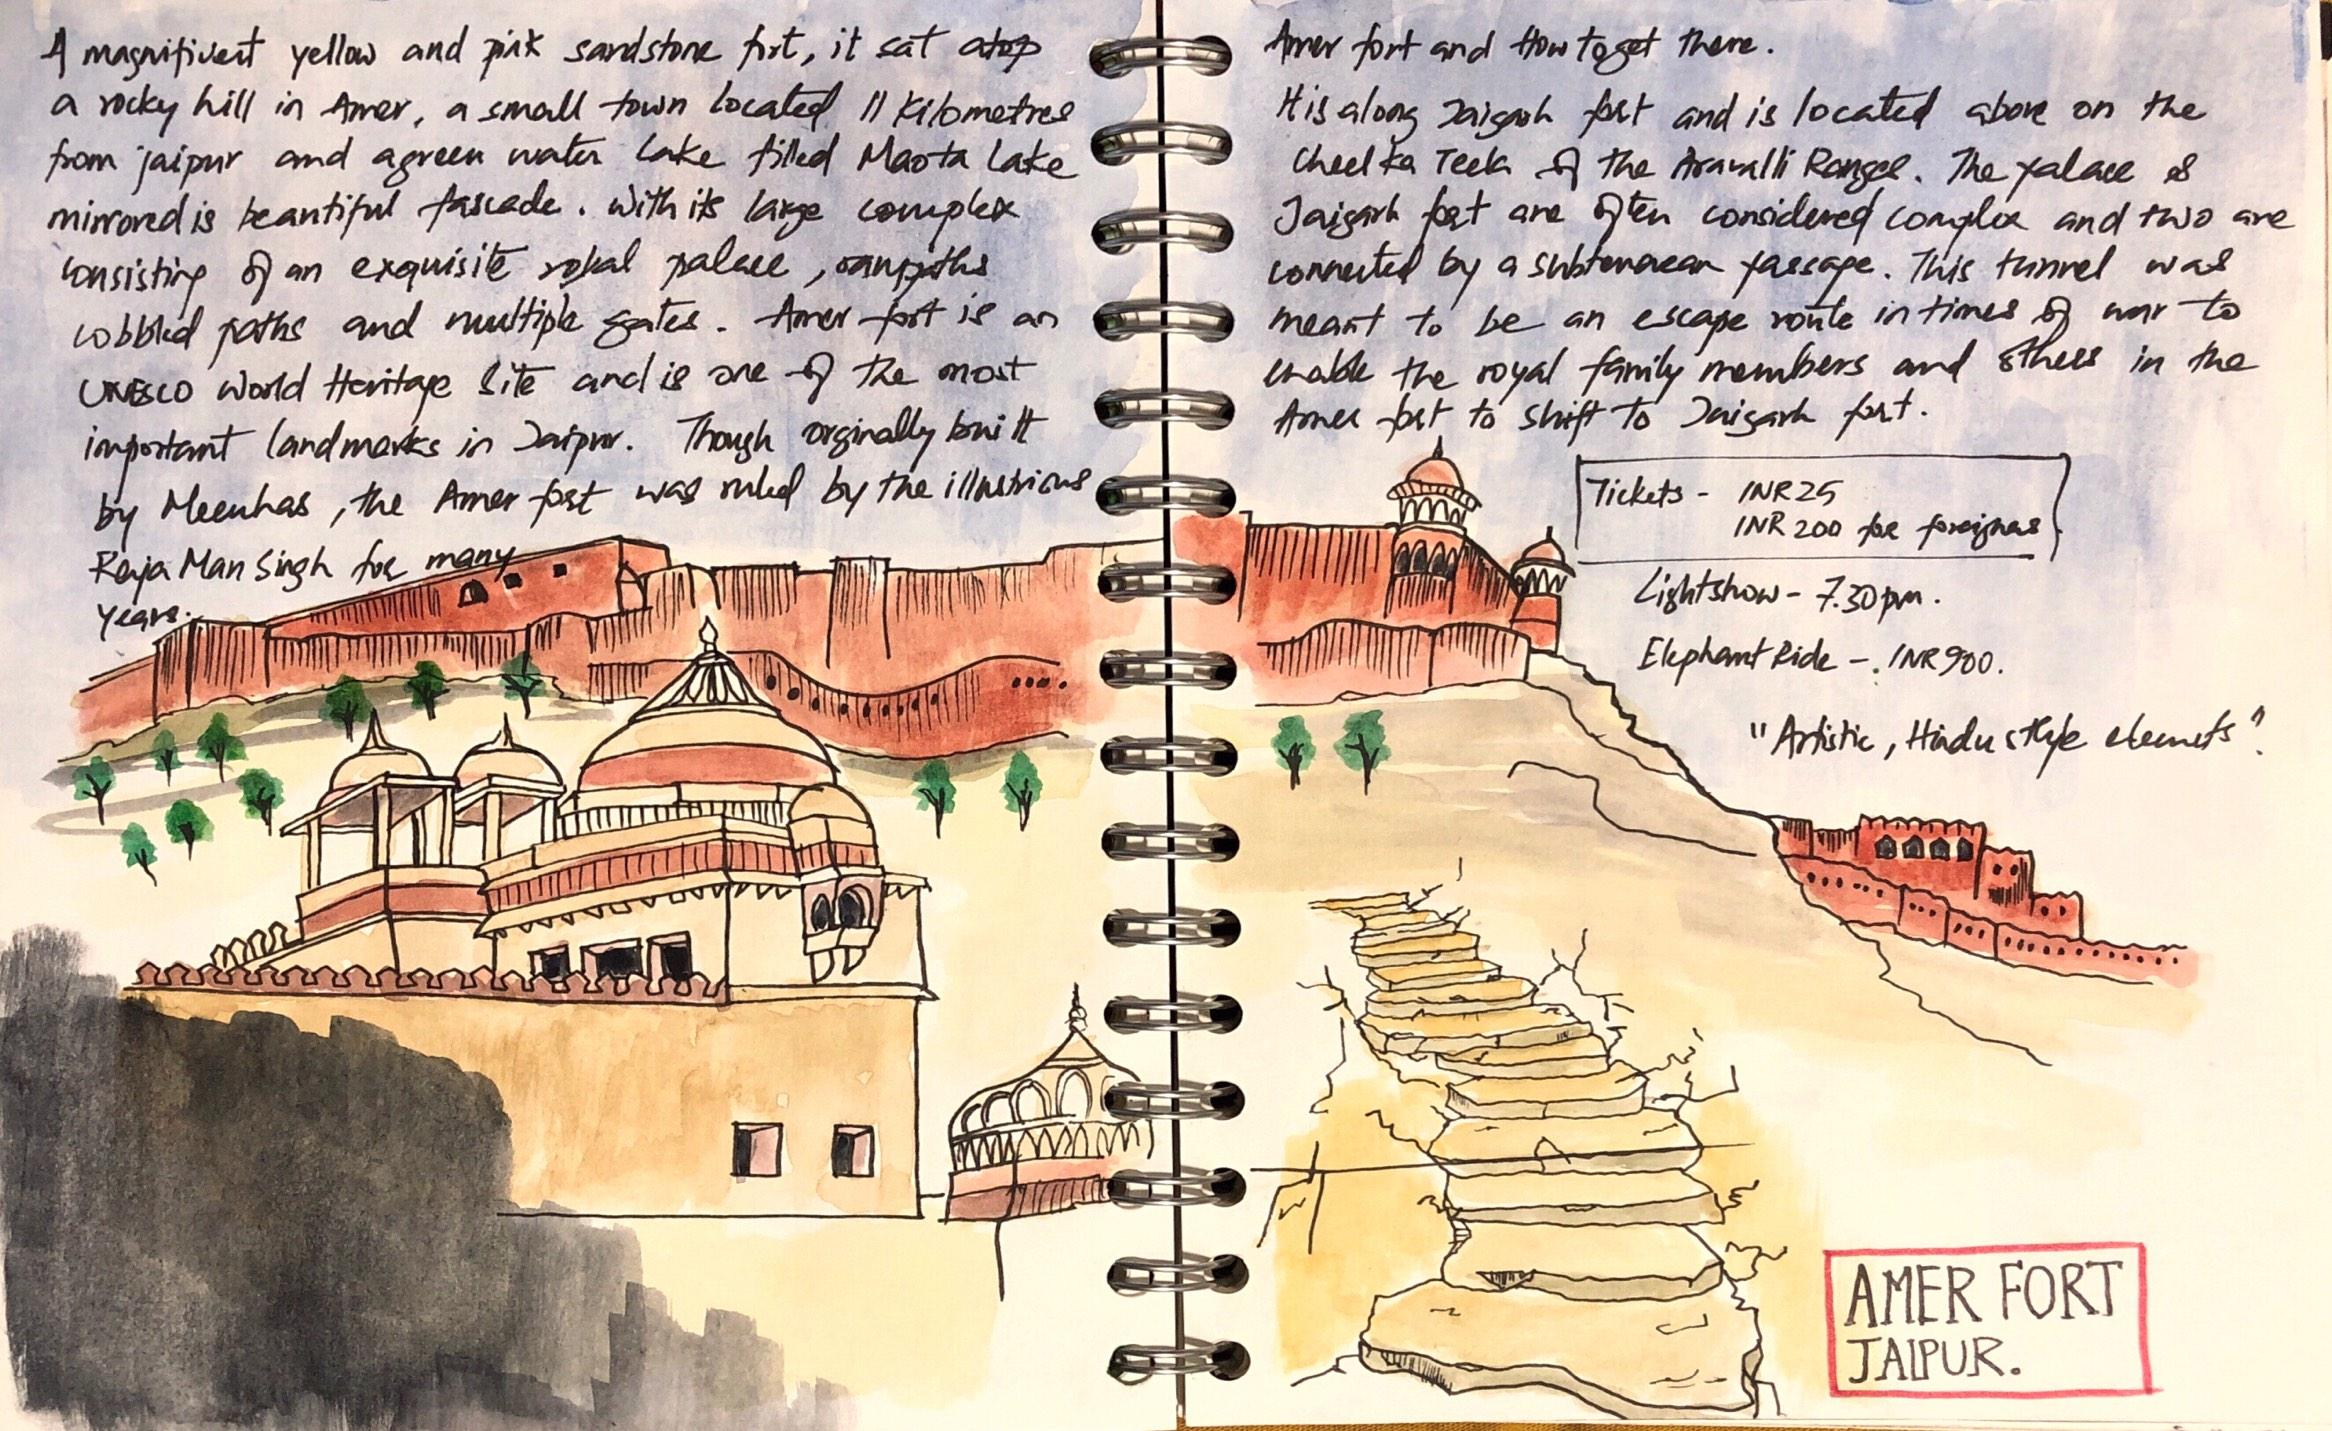 Amer-fort-sketch-jaipur-Sooraj